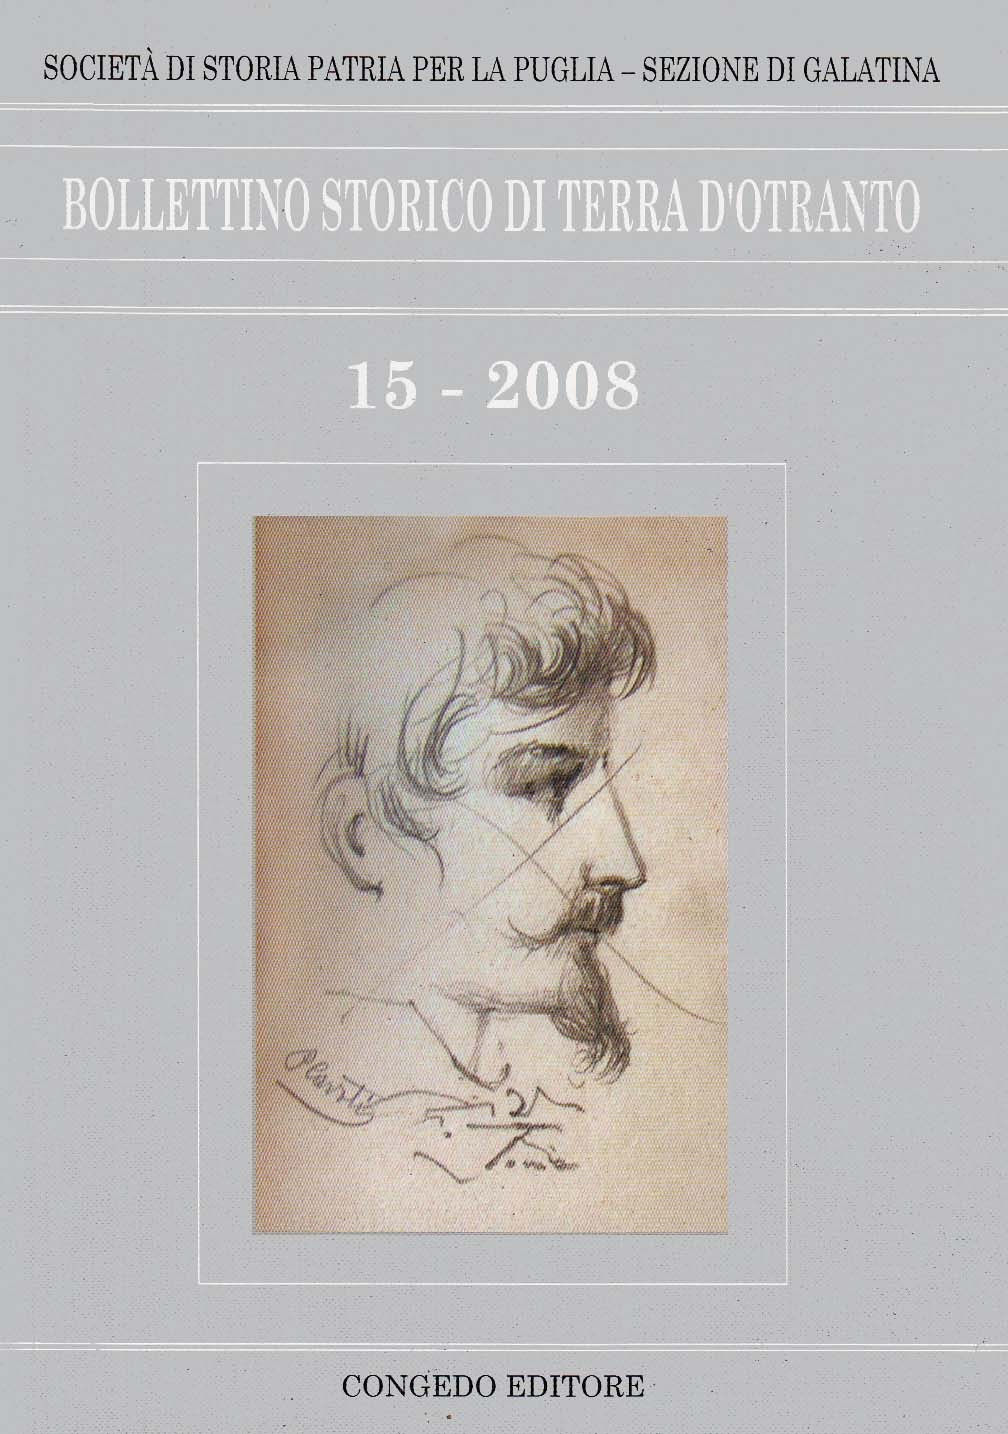 BOLLETTINO STORICO TERRA D'OTRANTO 15 - 2008